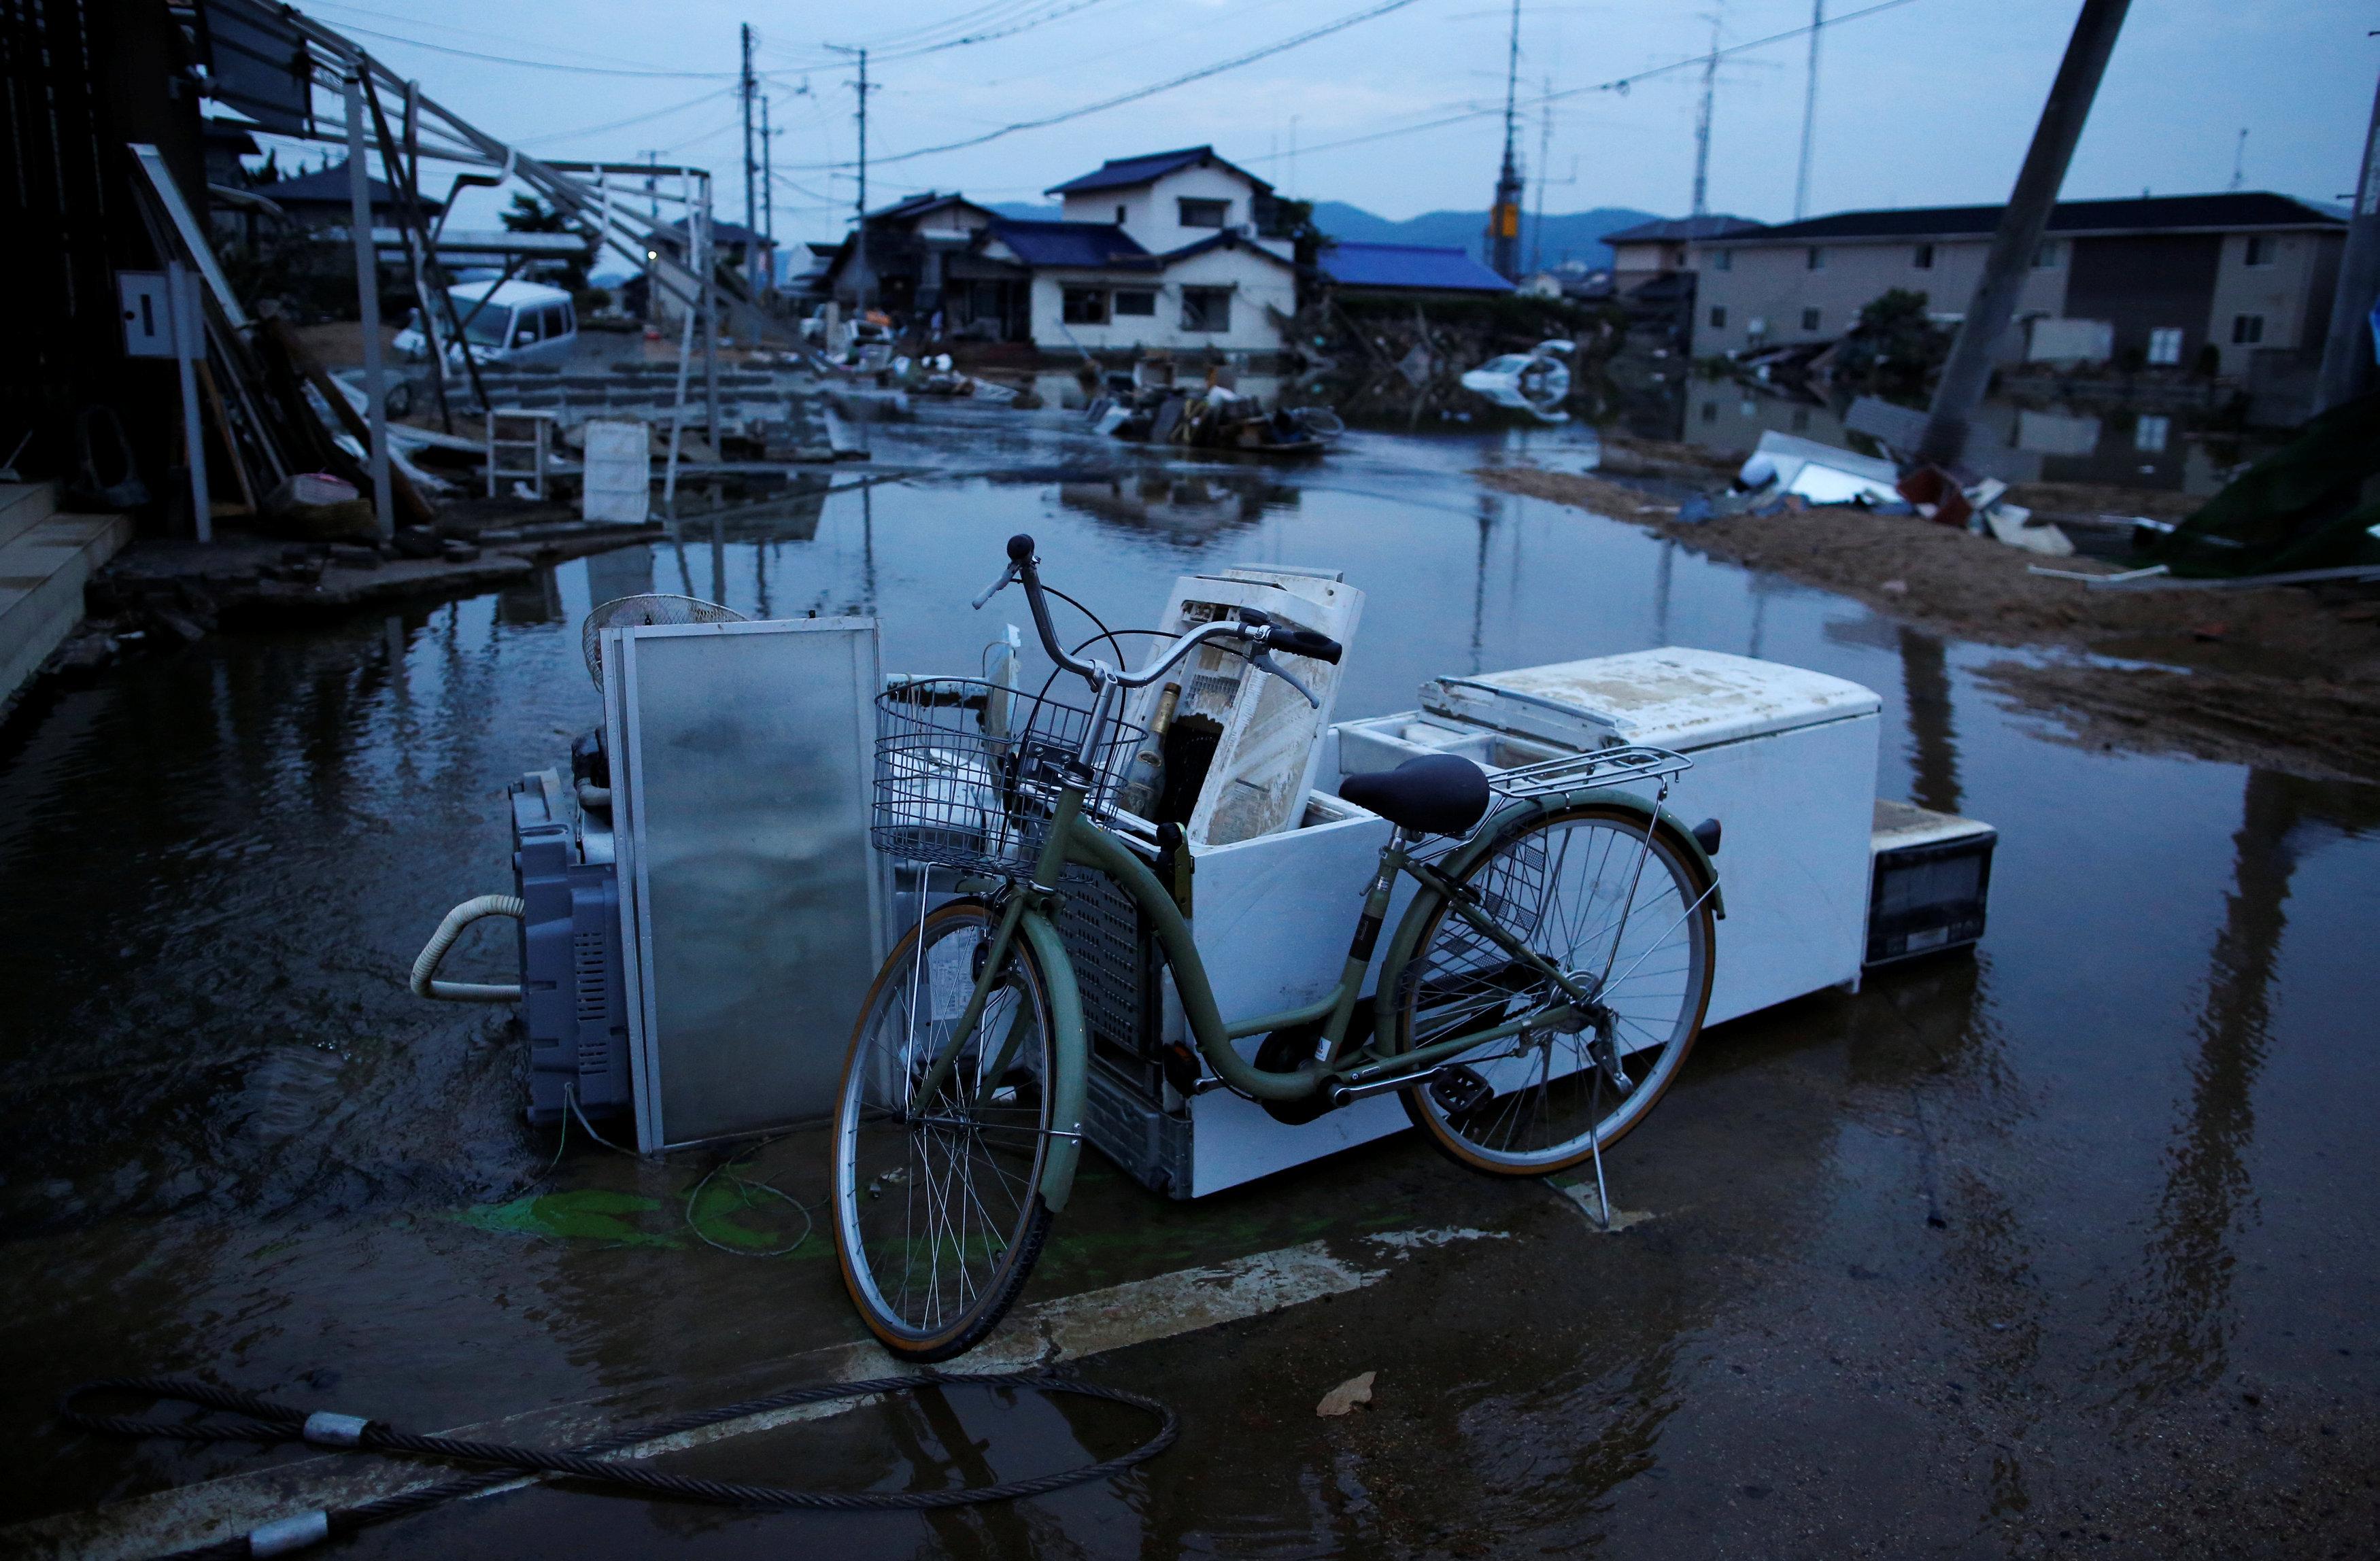 Затопленные и полуразрушенные дома в Курасики, город в Японии в префектуре Окаяма